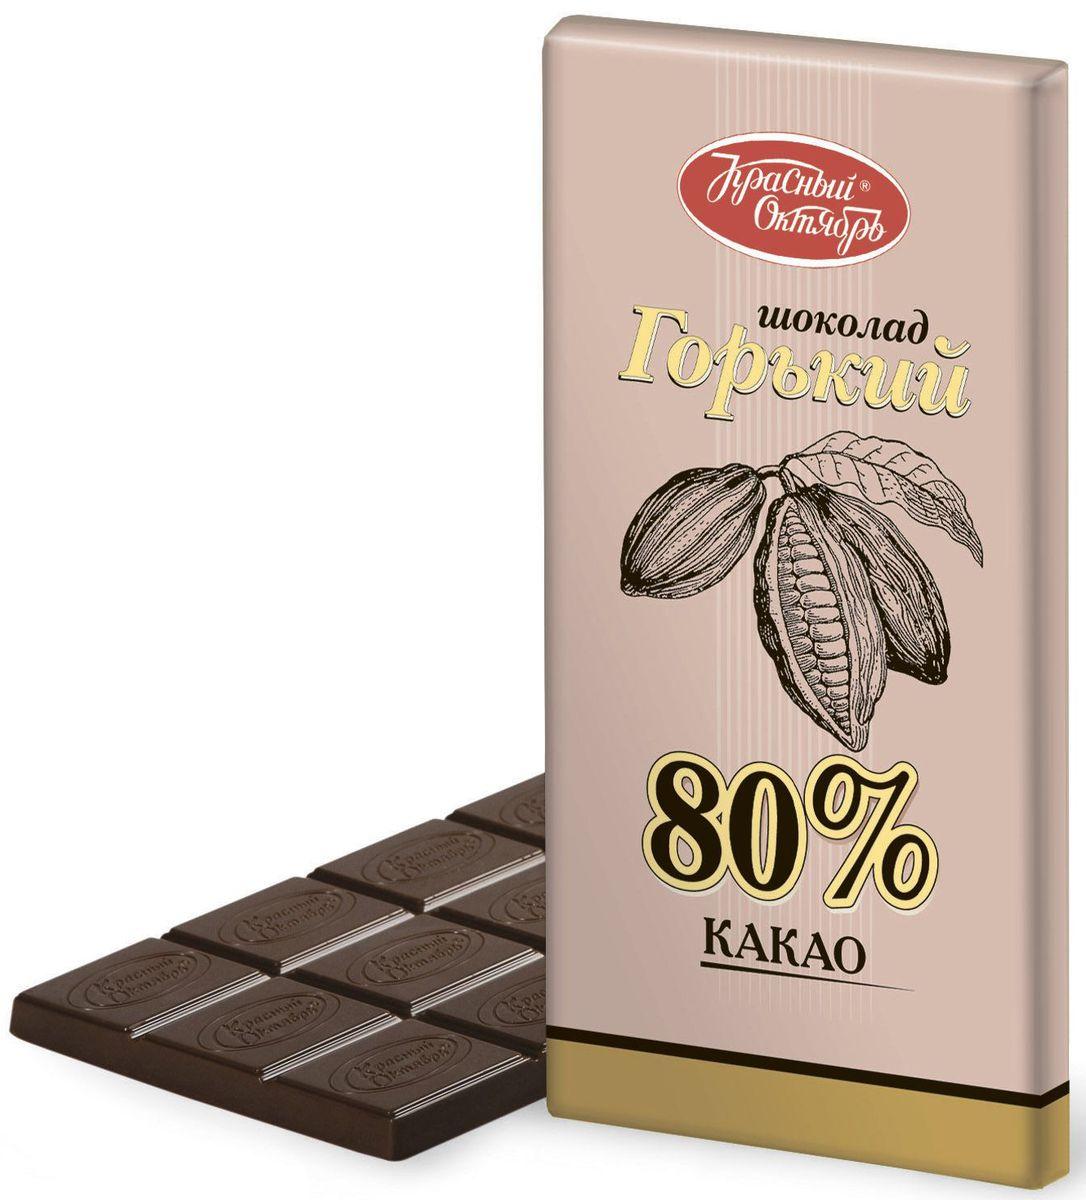 Красный Октябрь горький 80% какао шоколад, 75 г0120710Красный Октябрь - уникальный пример в истории российского кондитерского дела, ведь таким количеством знаменитых марок, пожалуй, не может похвастаться ни один другой производитель в России.